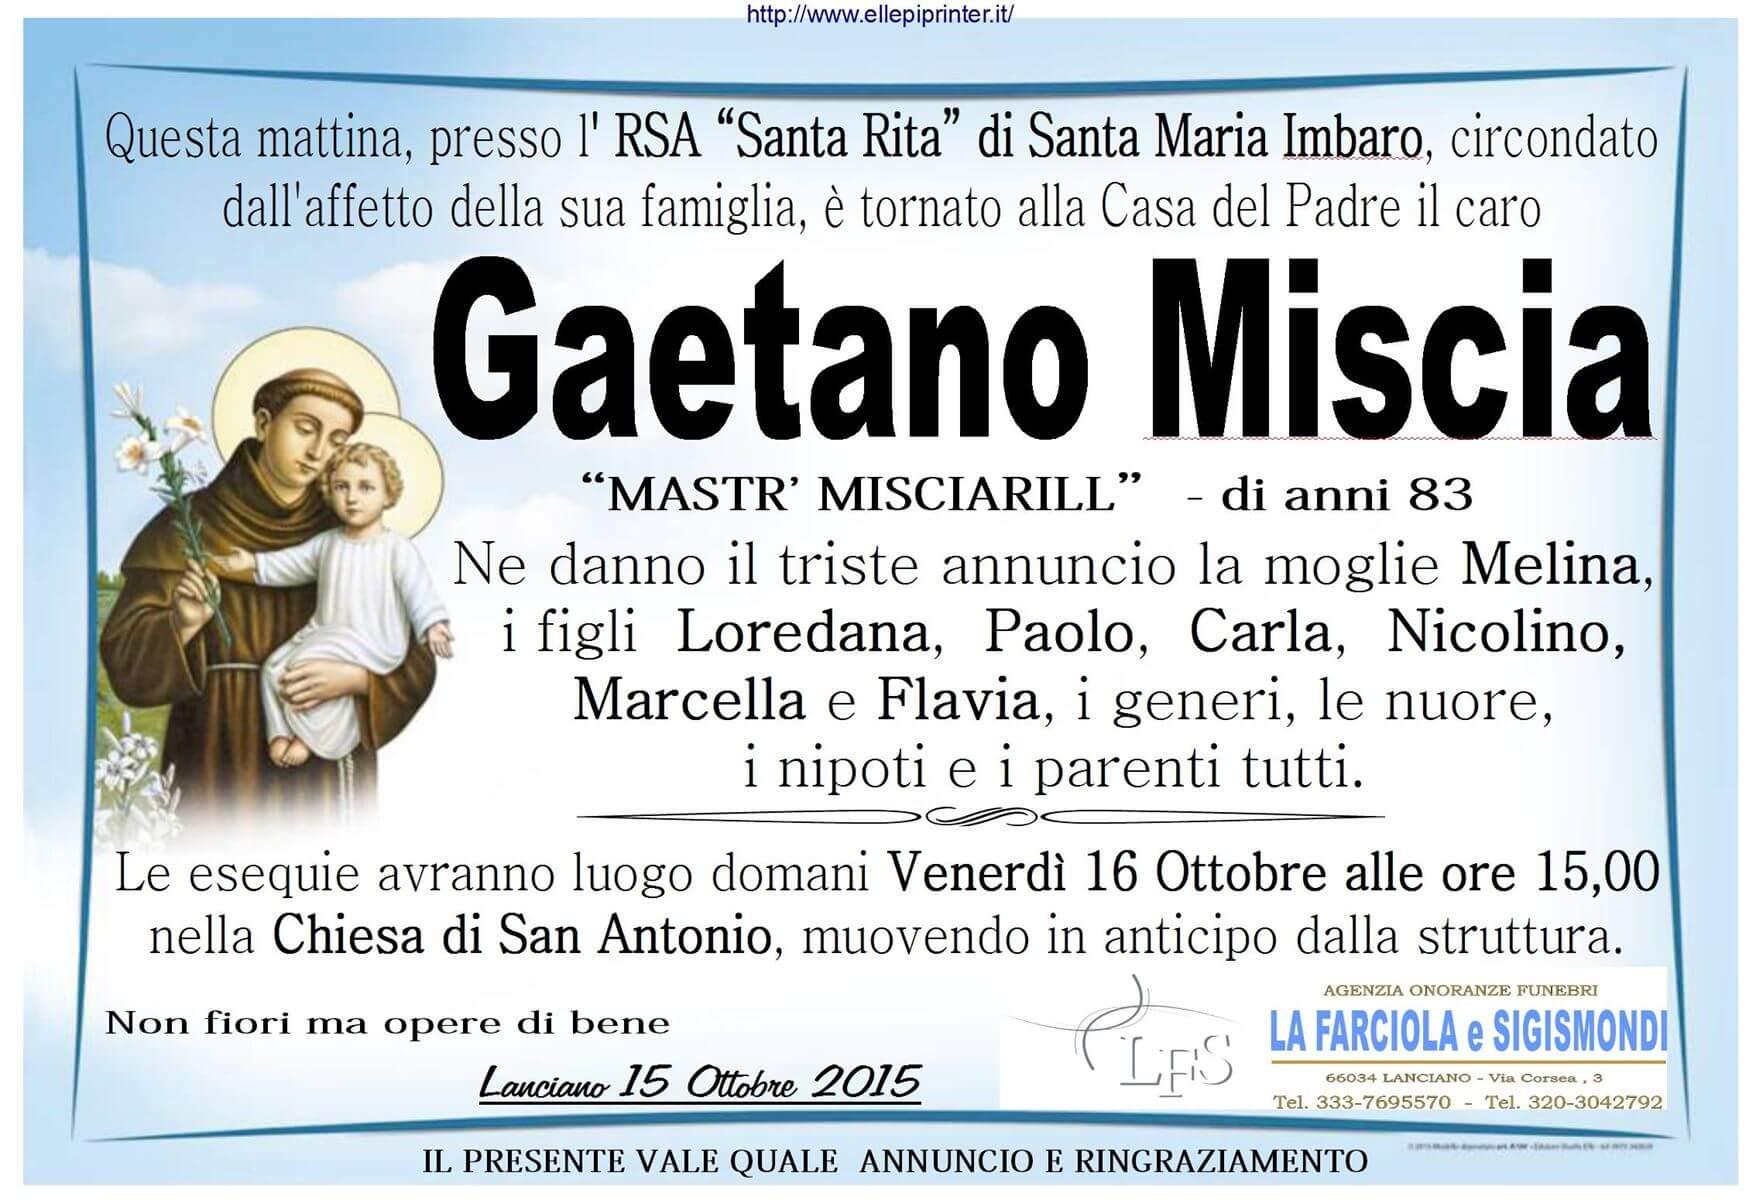 MANIFESTO MISCIA GAETANO